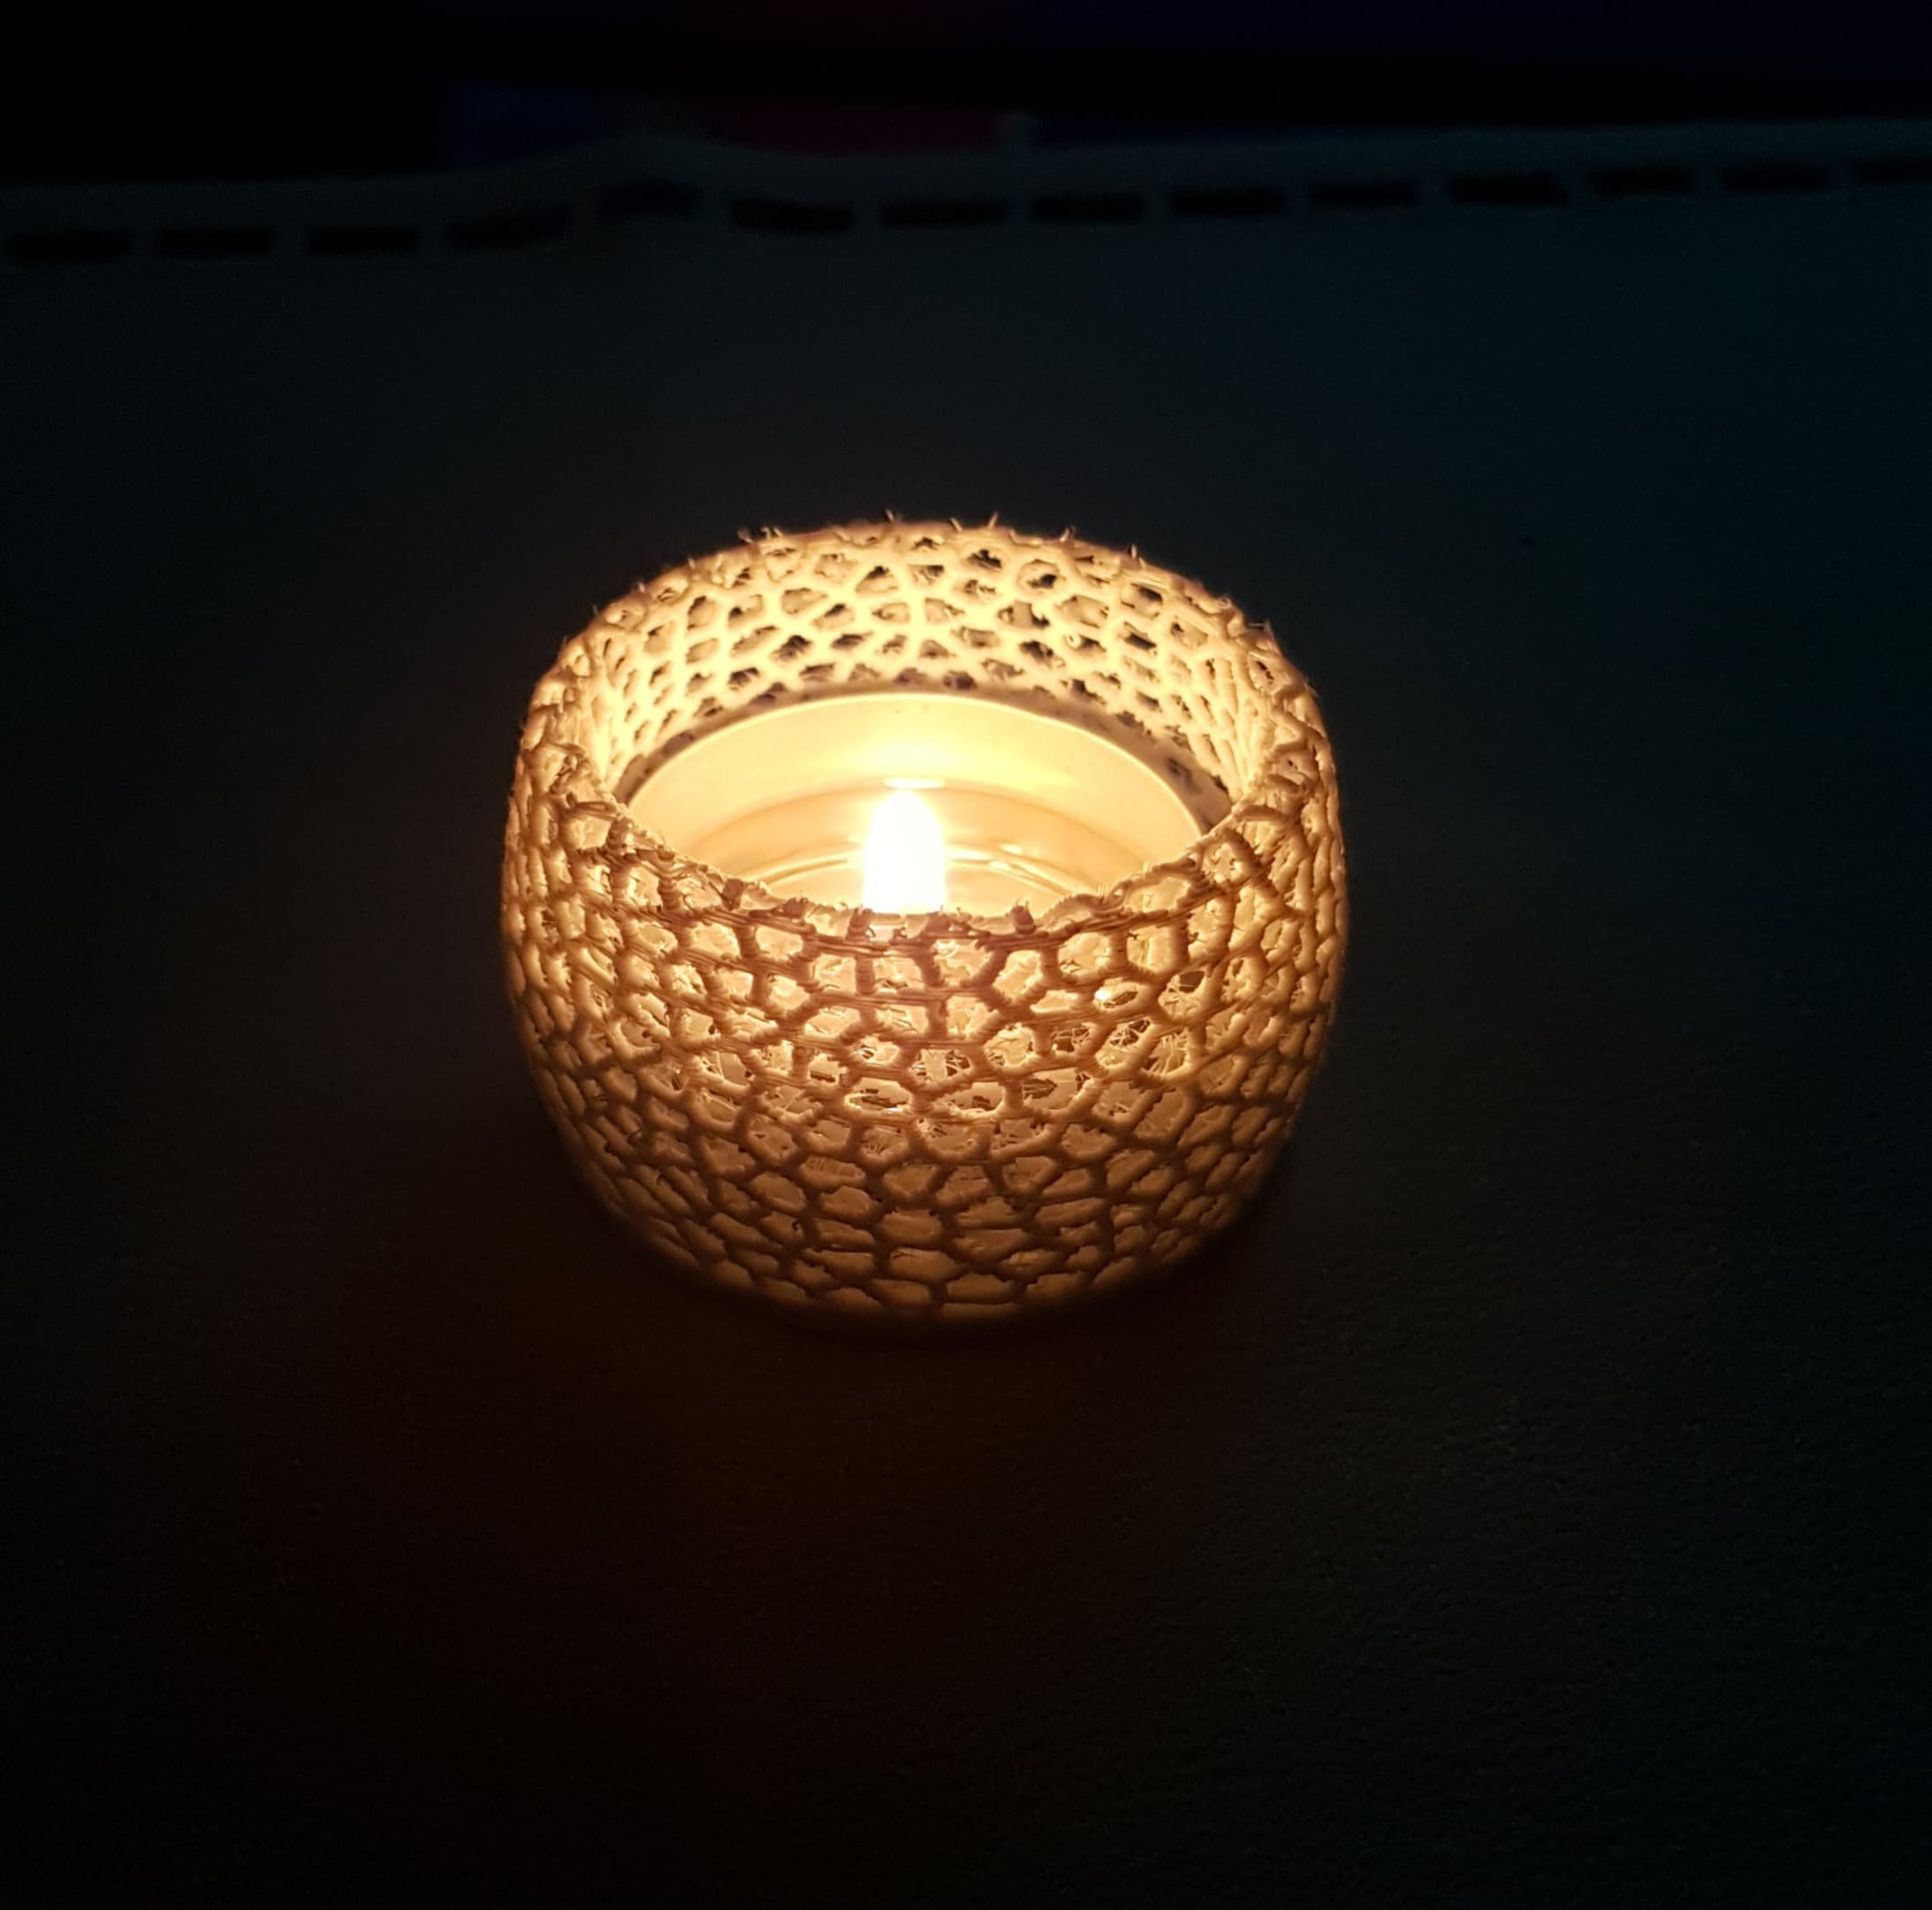 68990138_378795229474882_1265931736366186496_n.jpg Télécharger fichier STL gratuit Petite bougie chauffe-plat voronoi ( pour lumières LED et bougies chauffe-plat réelles) • Design pour impression 3D, Peter-Jan